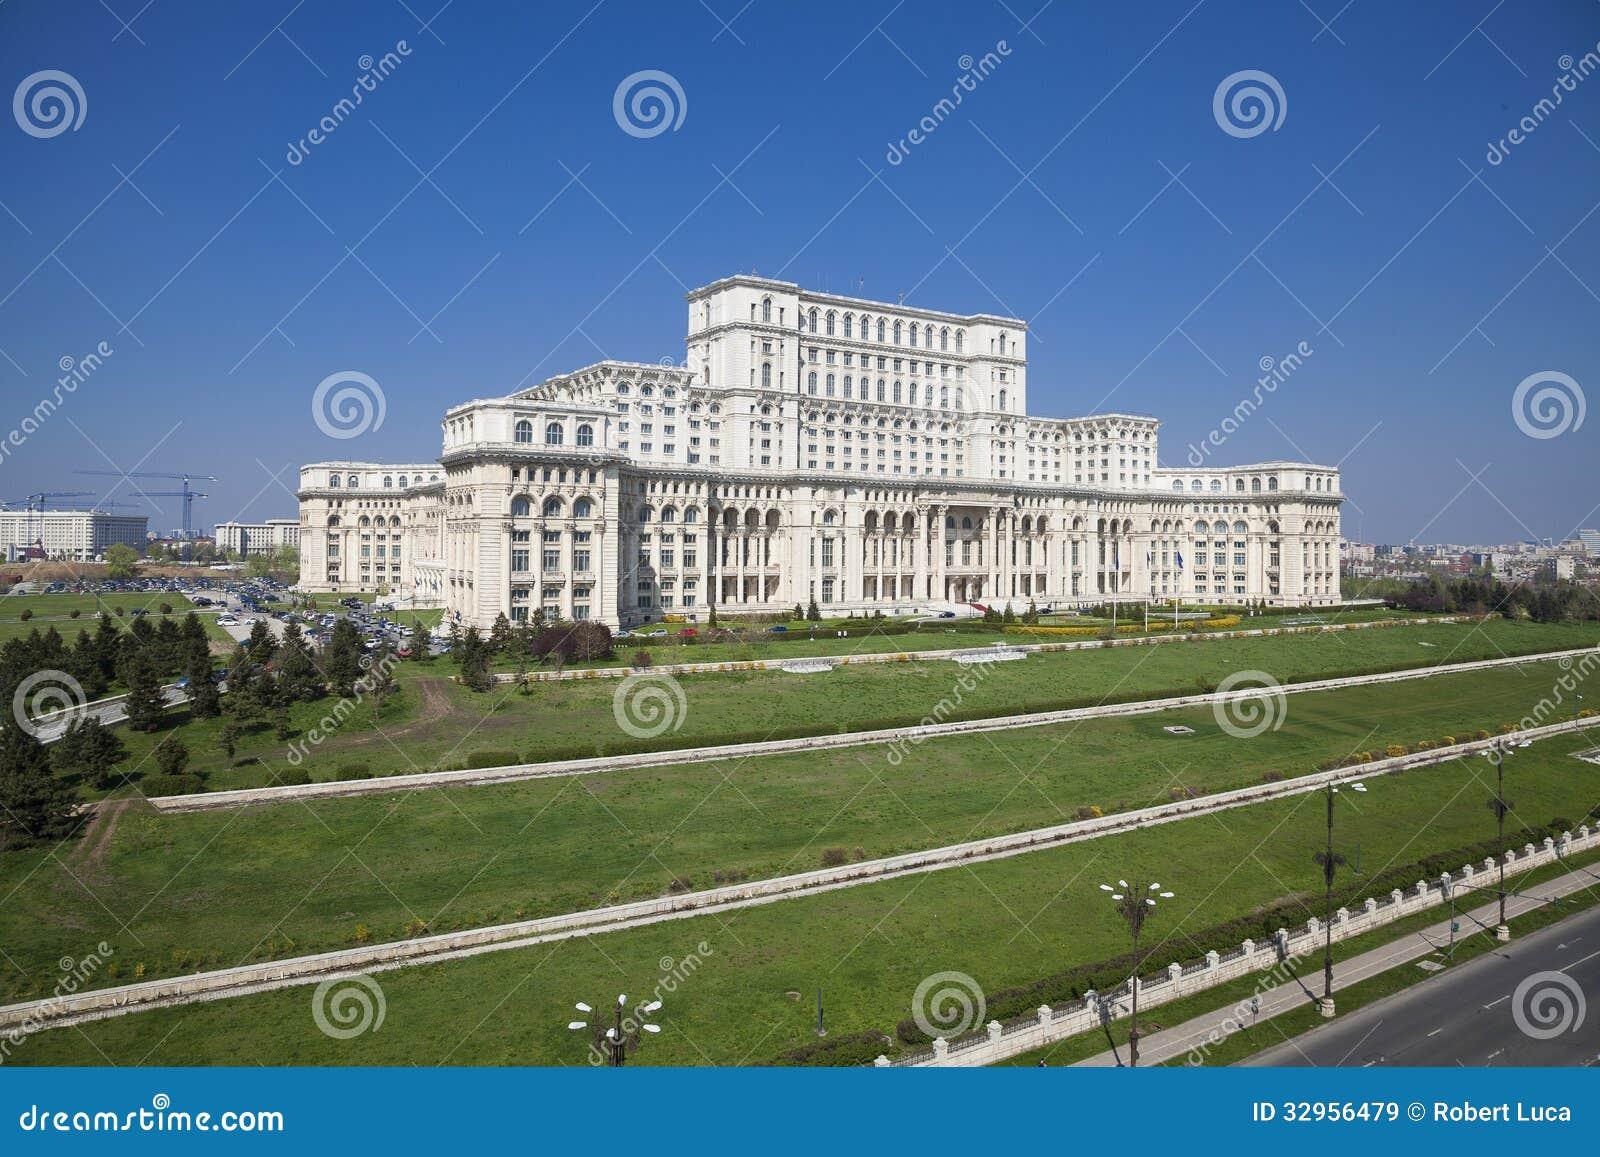 Παλάτι Βουκουρέστι του Κοινοβουλίου